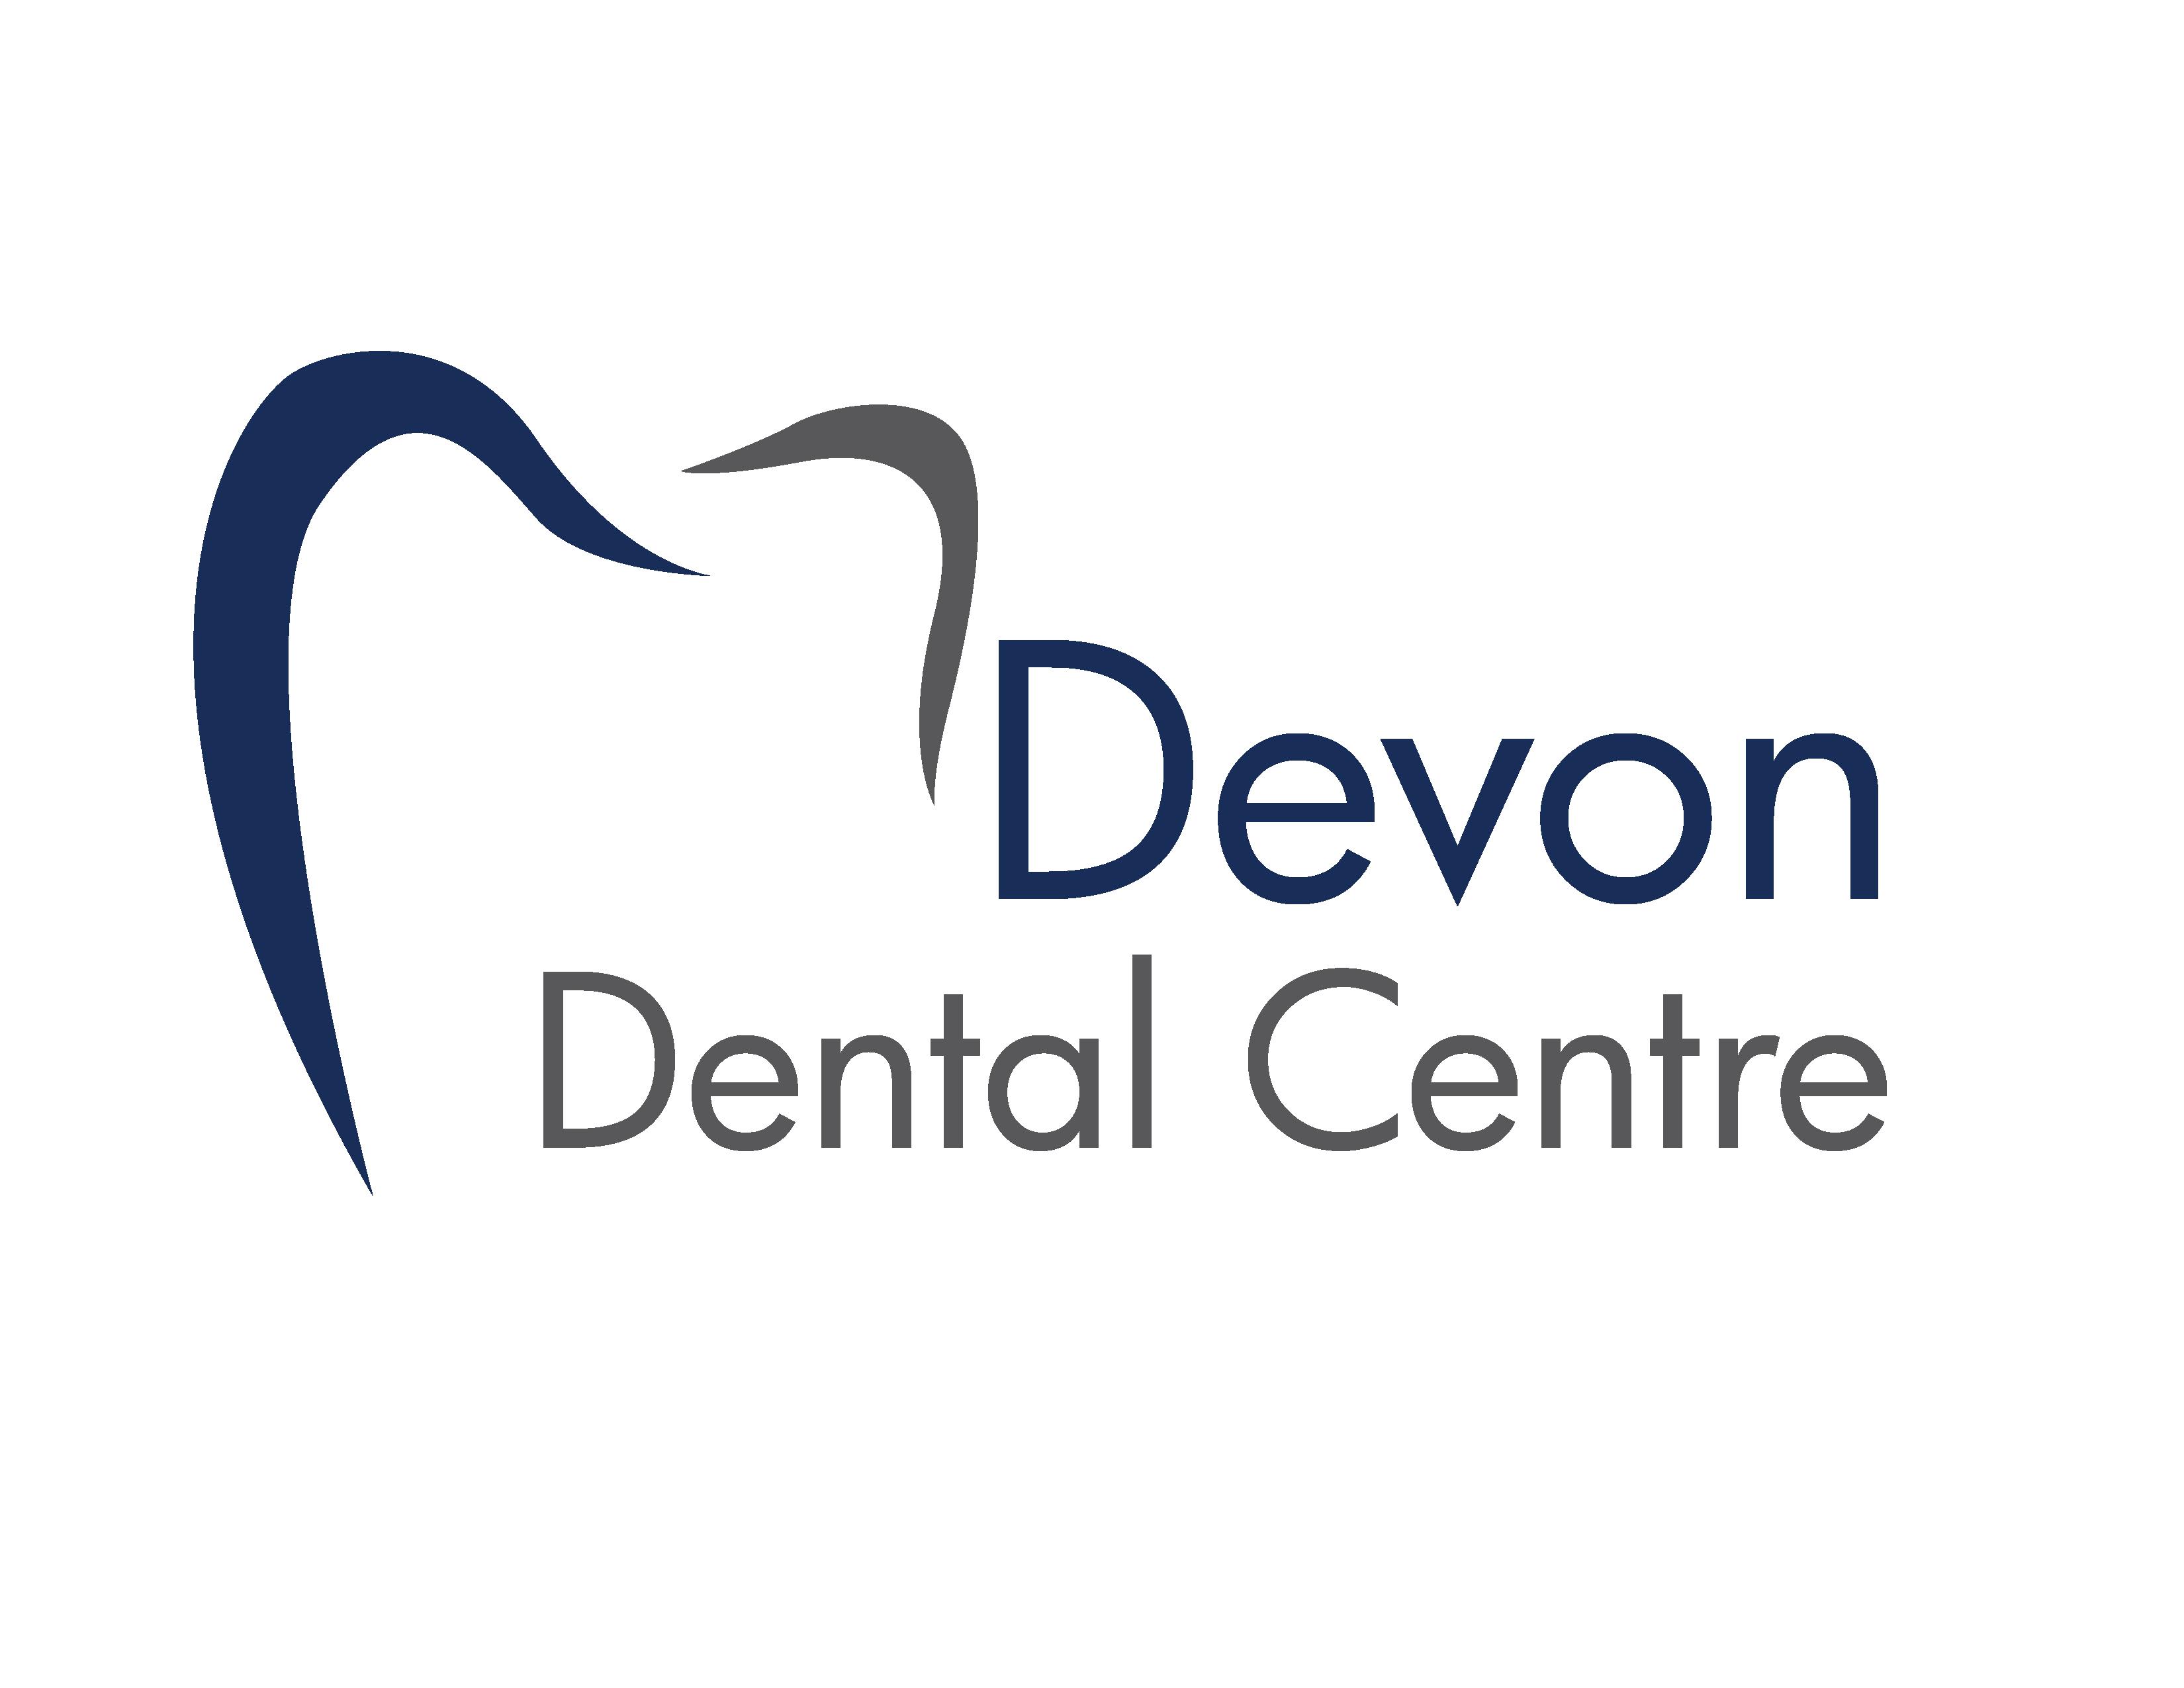 Devon Dental Centre